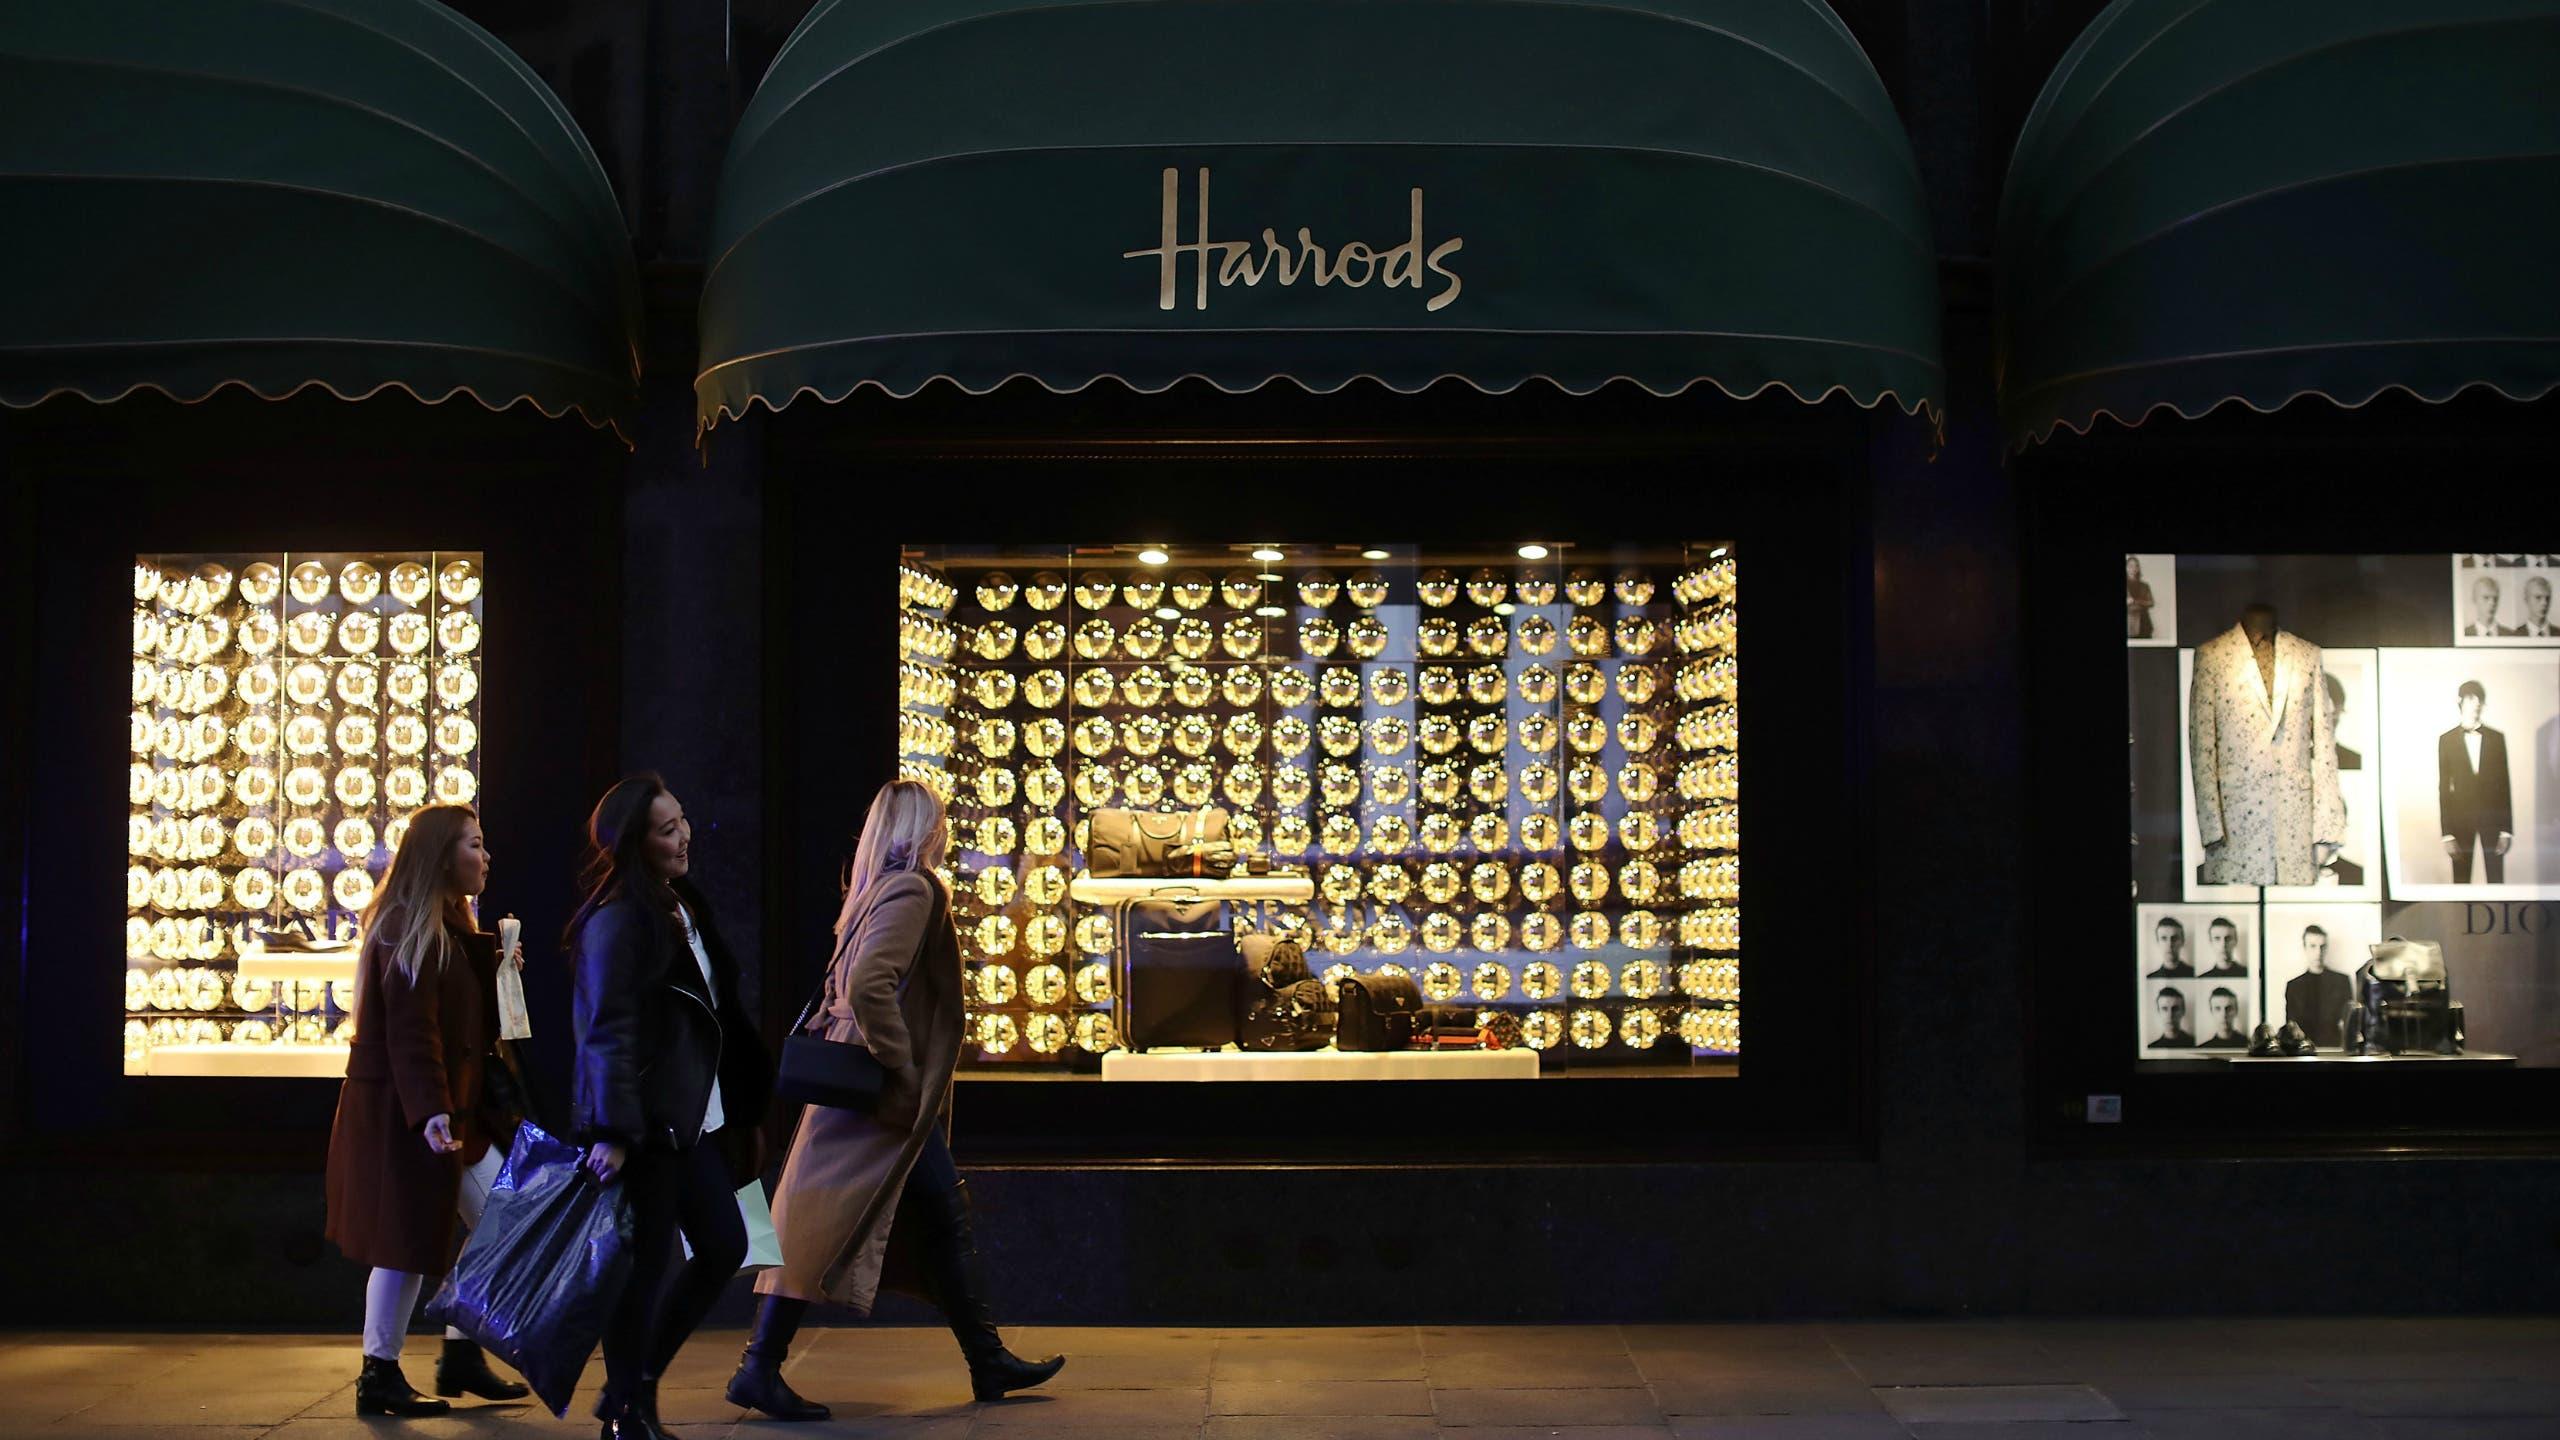 متجر هارودز